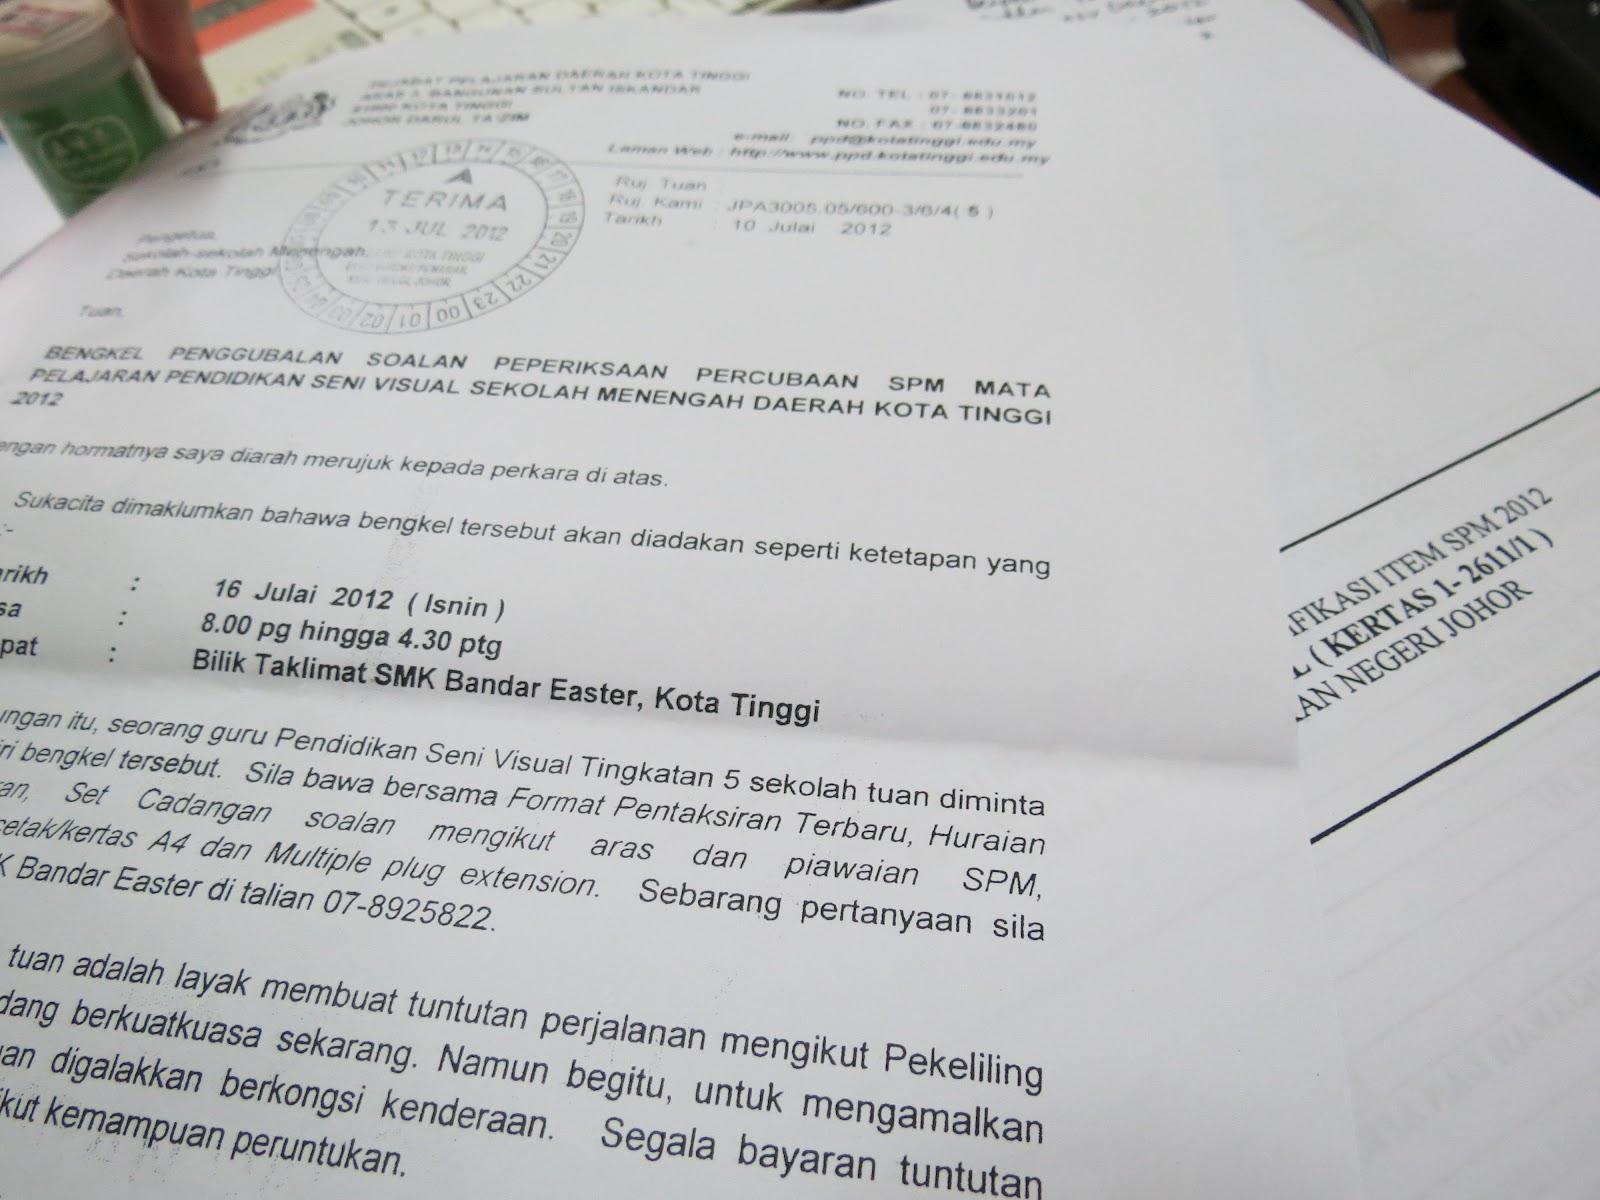 Bengkel Penggubalan Soalan Percubaan SPM PSV Daerah 16Jul2012